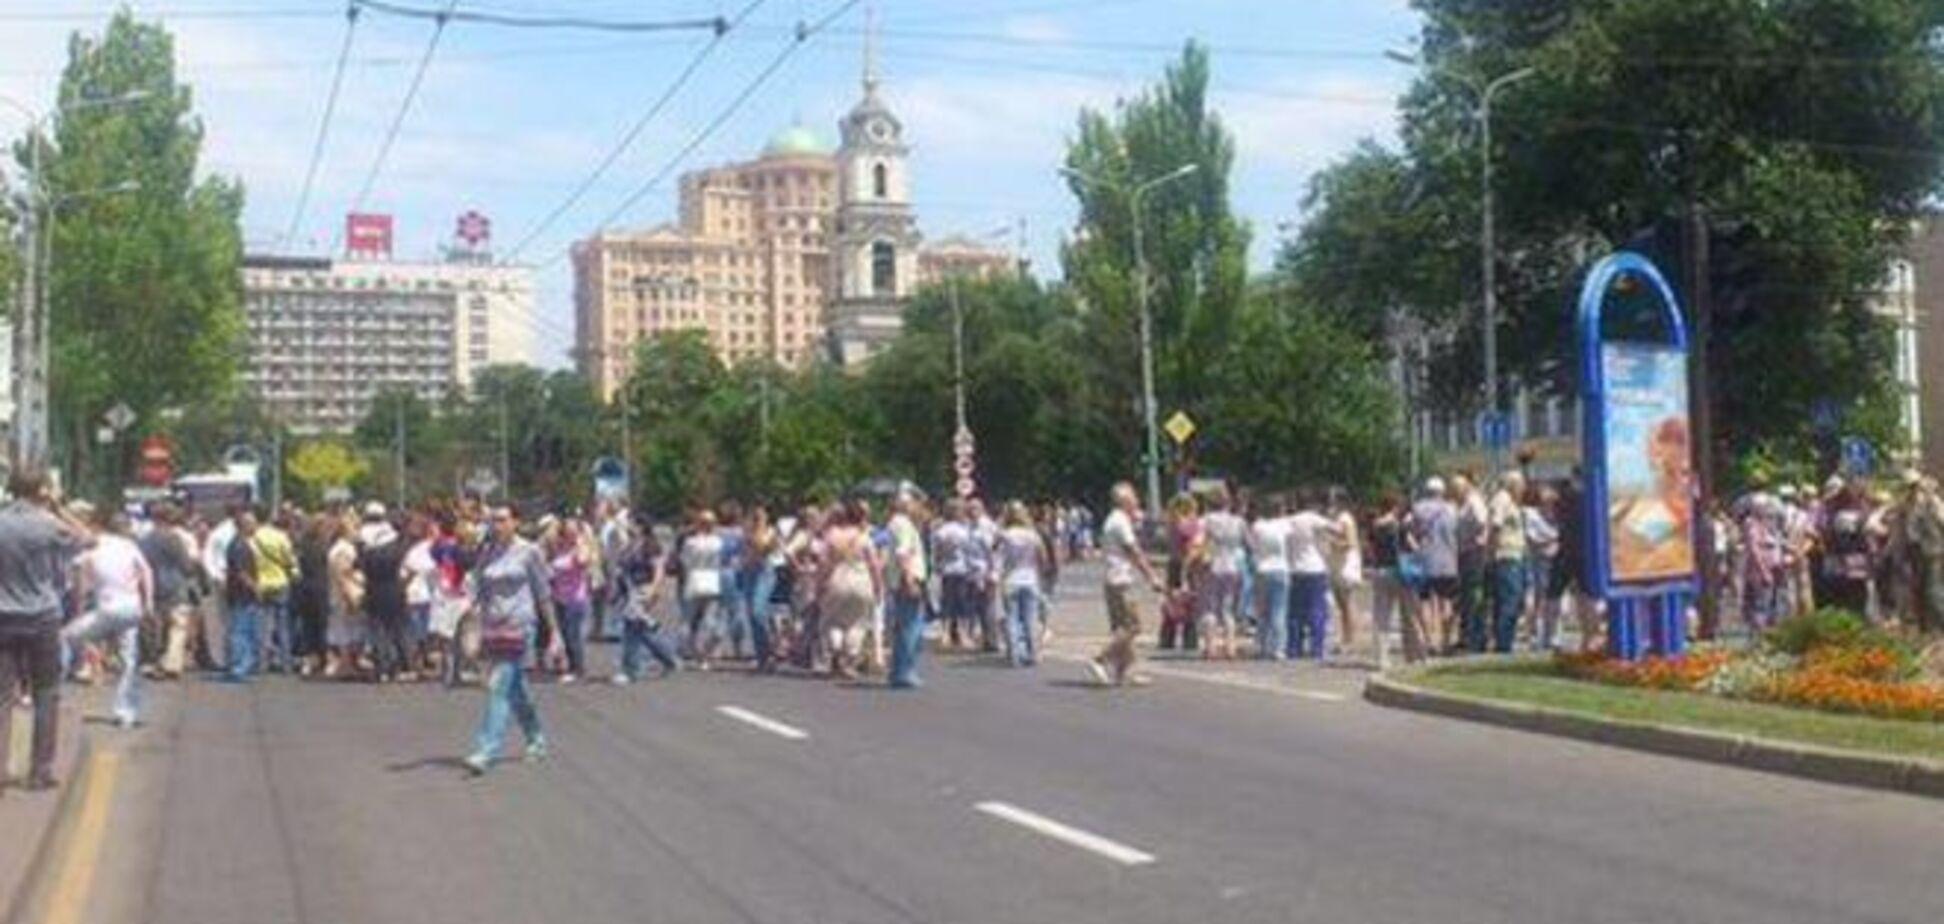 Дончане проявили пассивность прошлой весной, теперь им 'аукнулось'